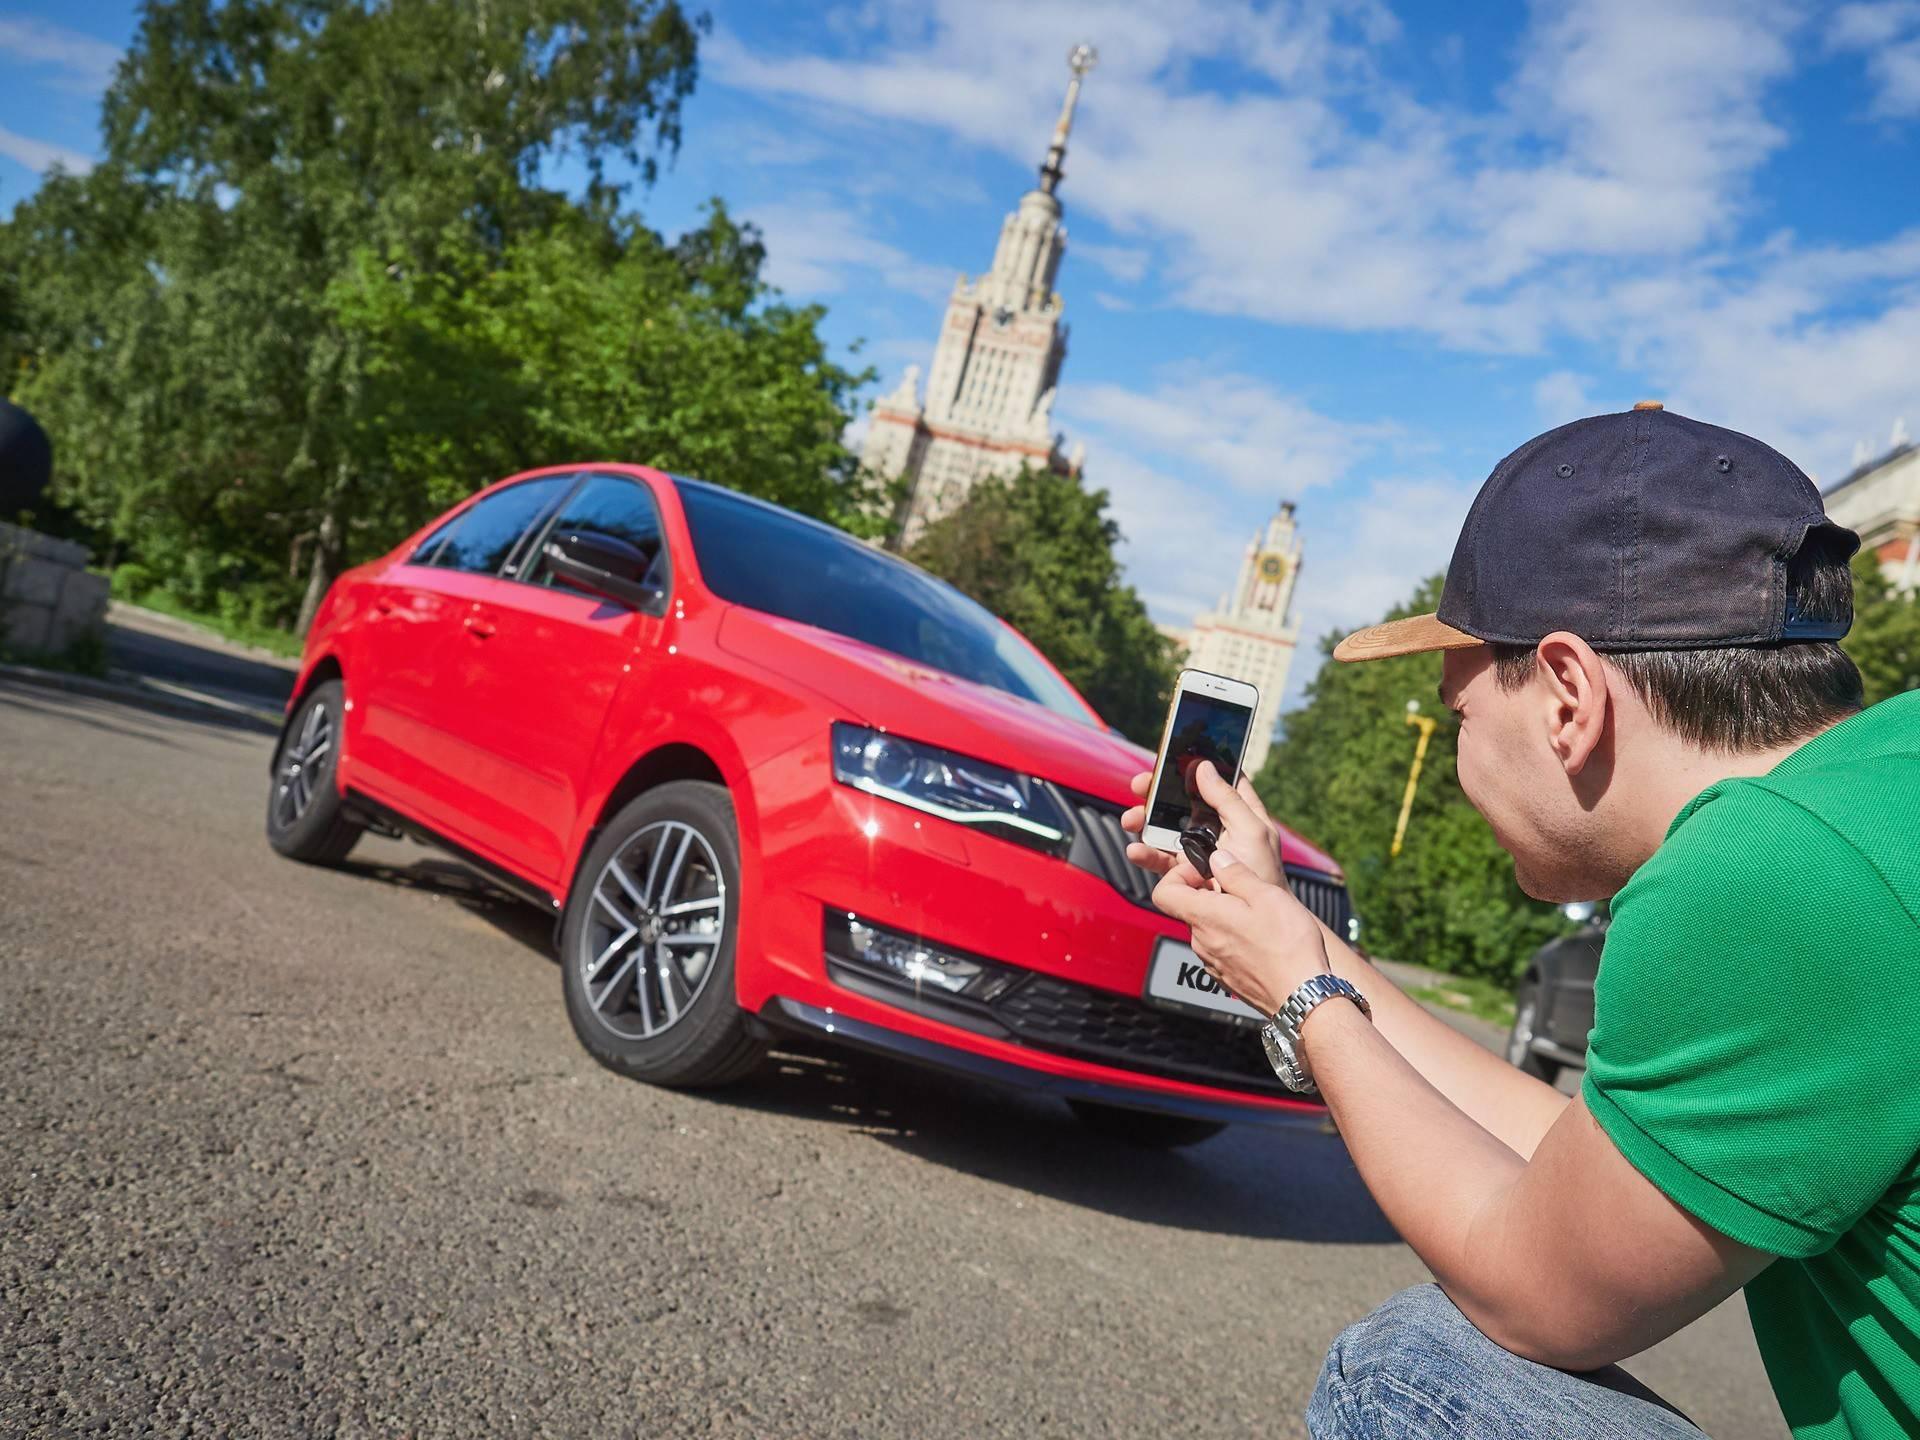 Ненавязчиво, но убедительно: как сфотографировать автомобиль для продажи